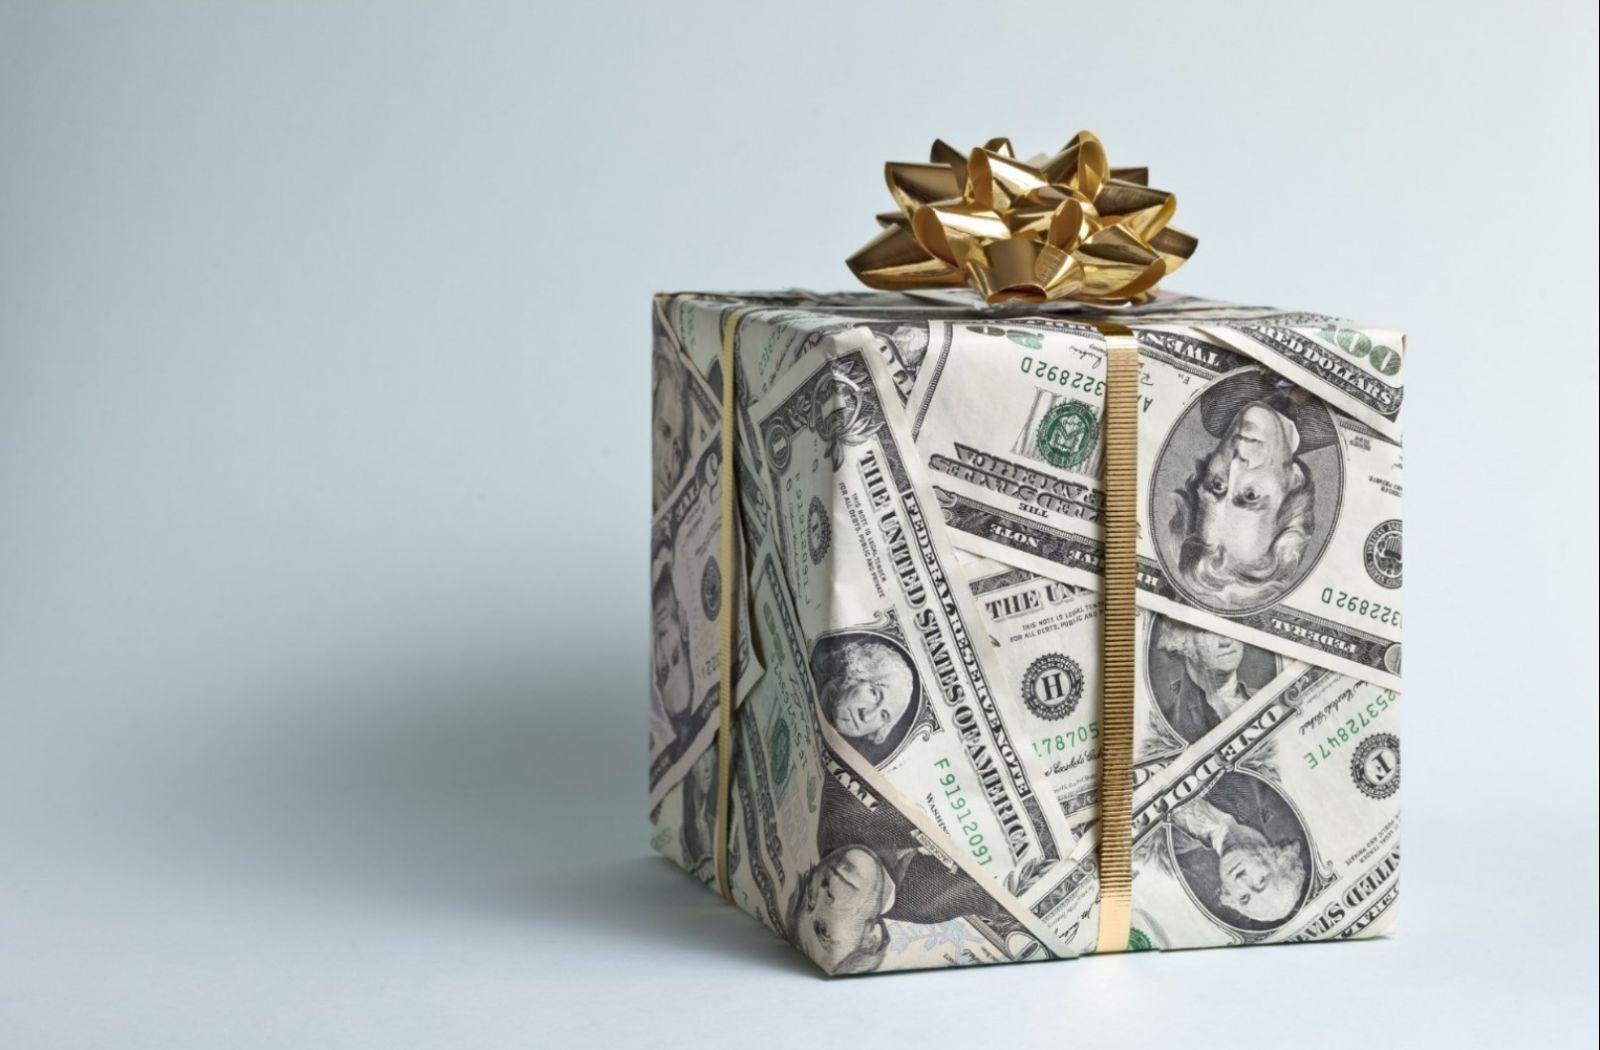 Где взять деньги на подарок?